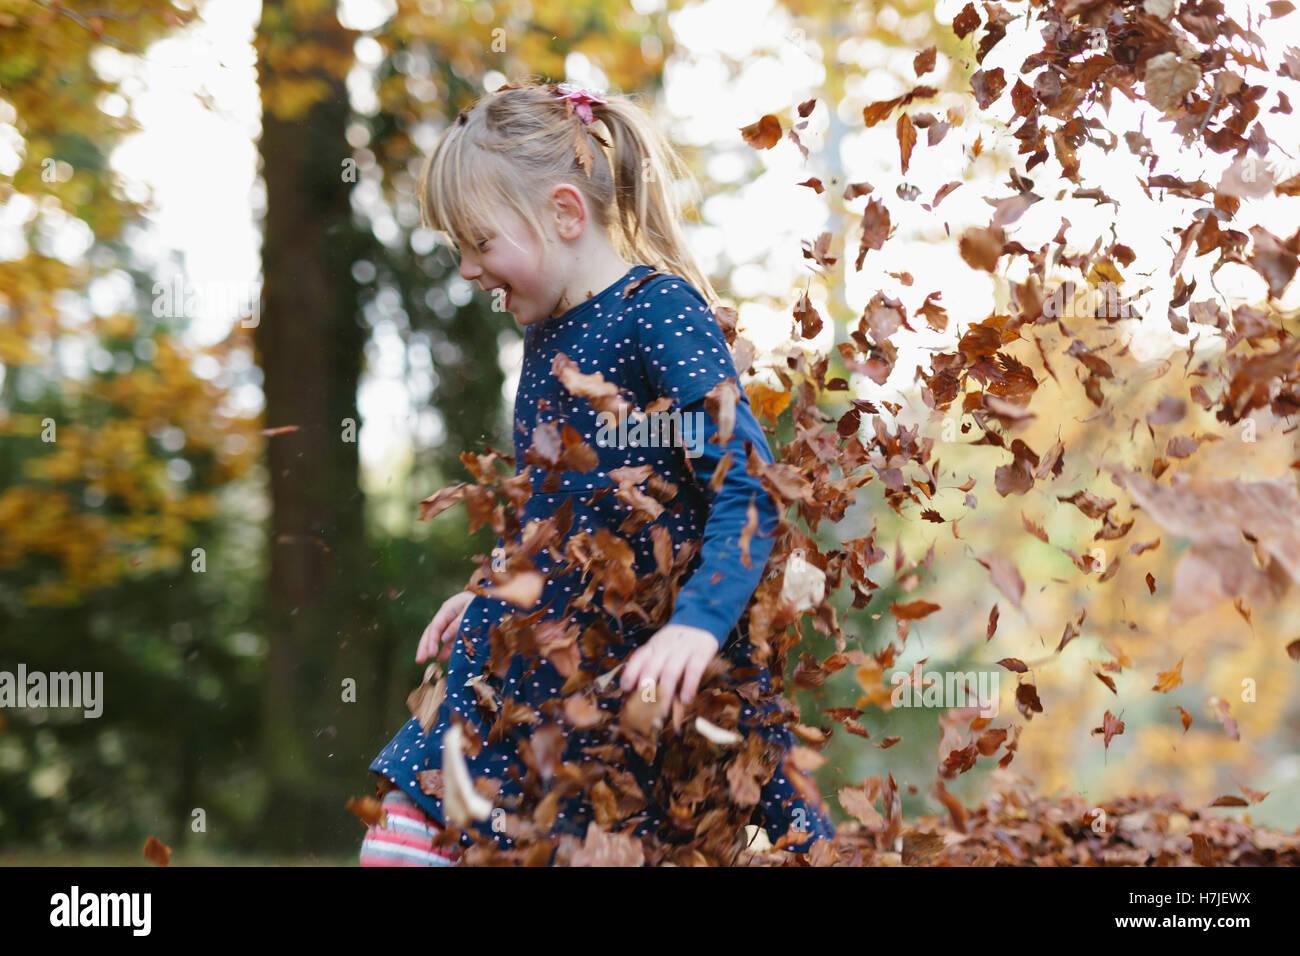 Professionnels de l'automne. Petite fille jouant dans les feuilles sèches pile en automne parc. Photo Stock